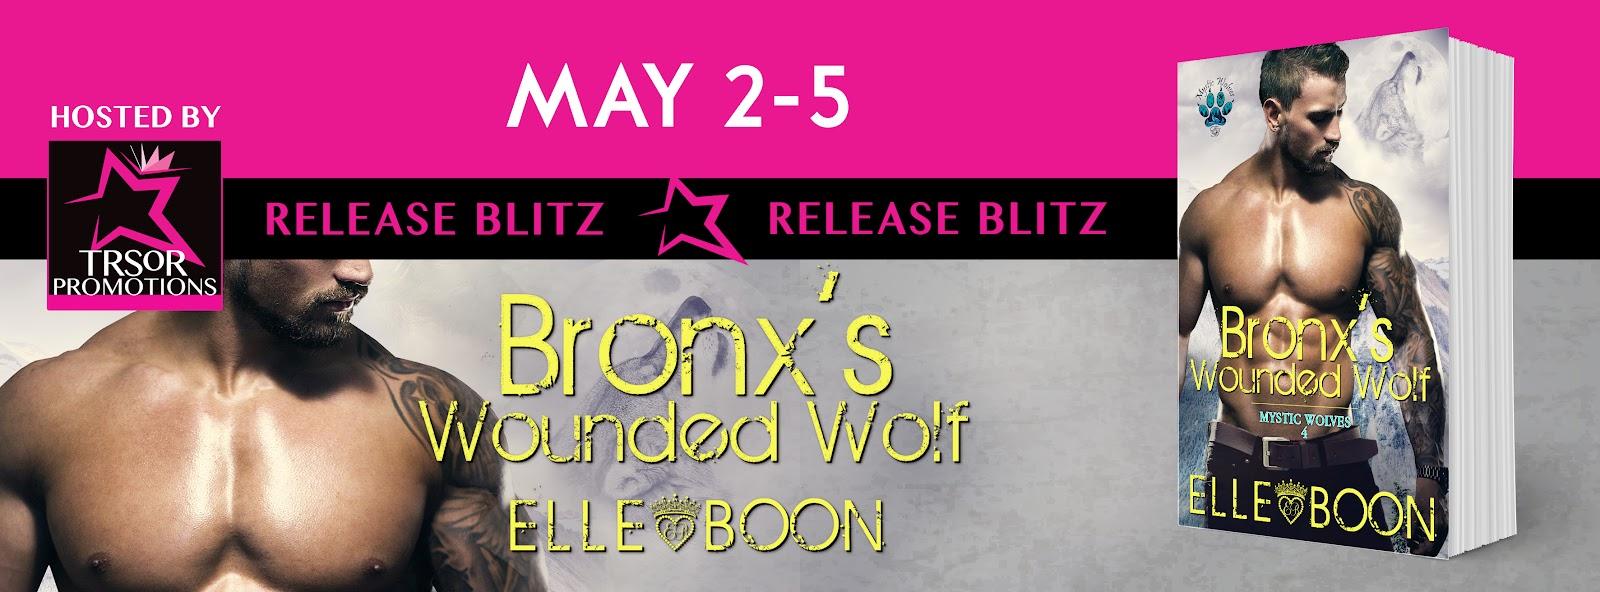 BRONX_WOLF_BLITZ.jpg